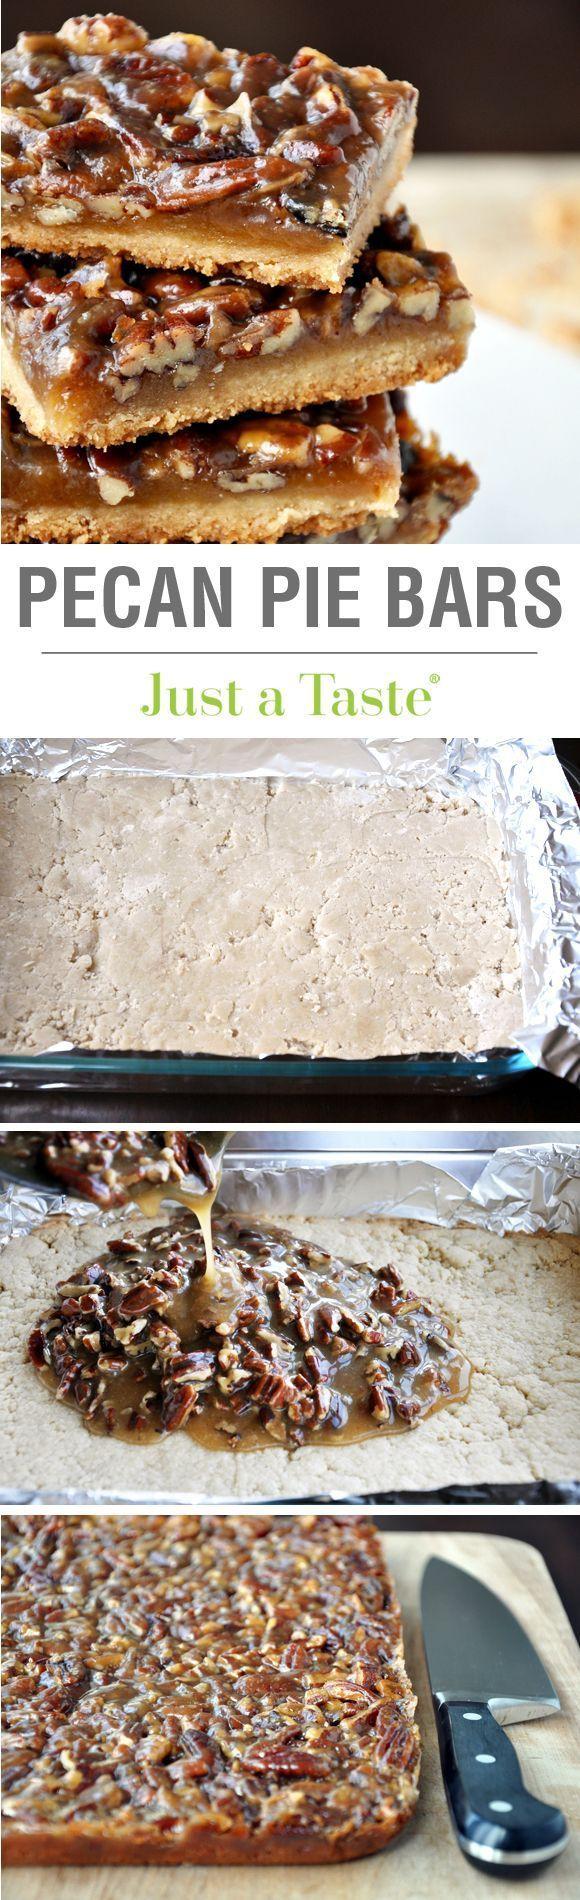 Pecan Pie Bars | Just a Taste